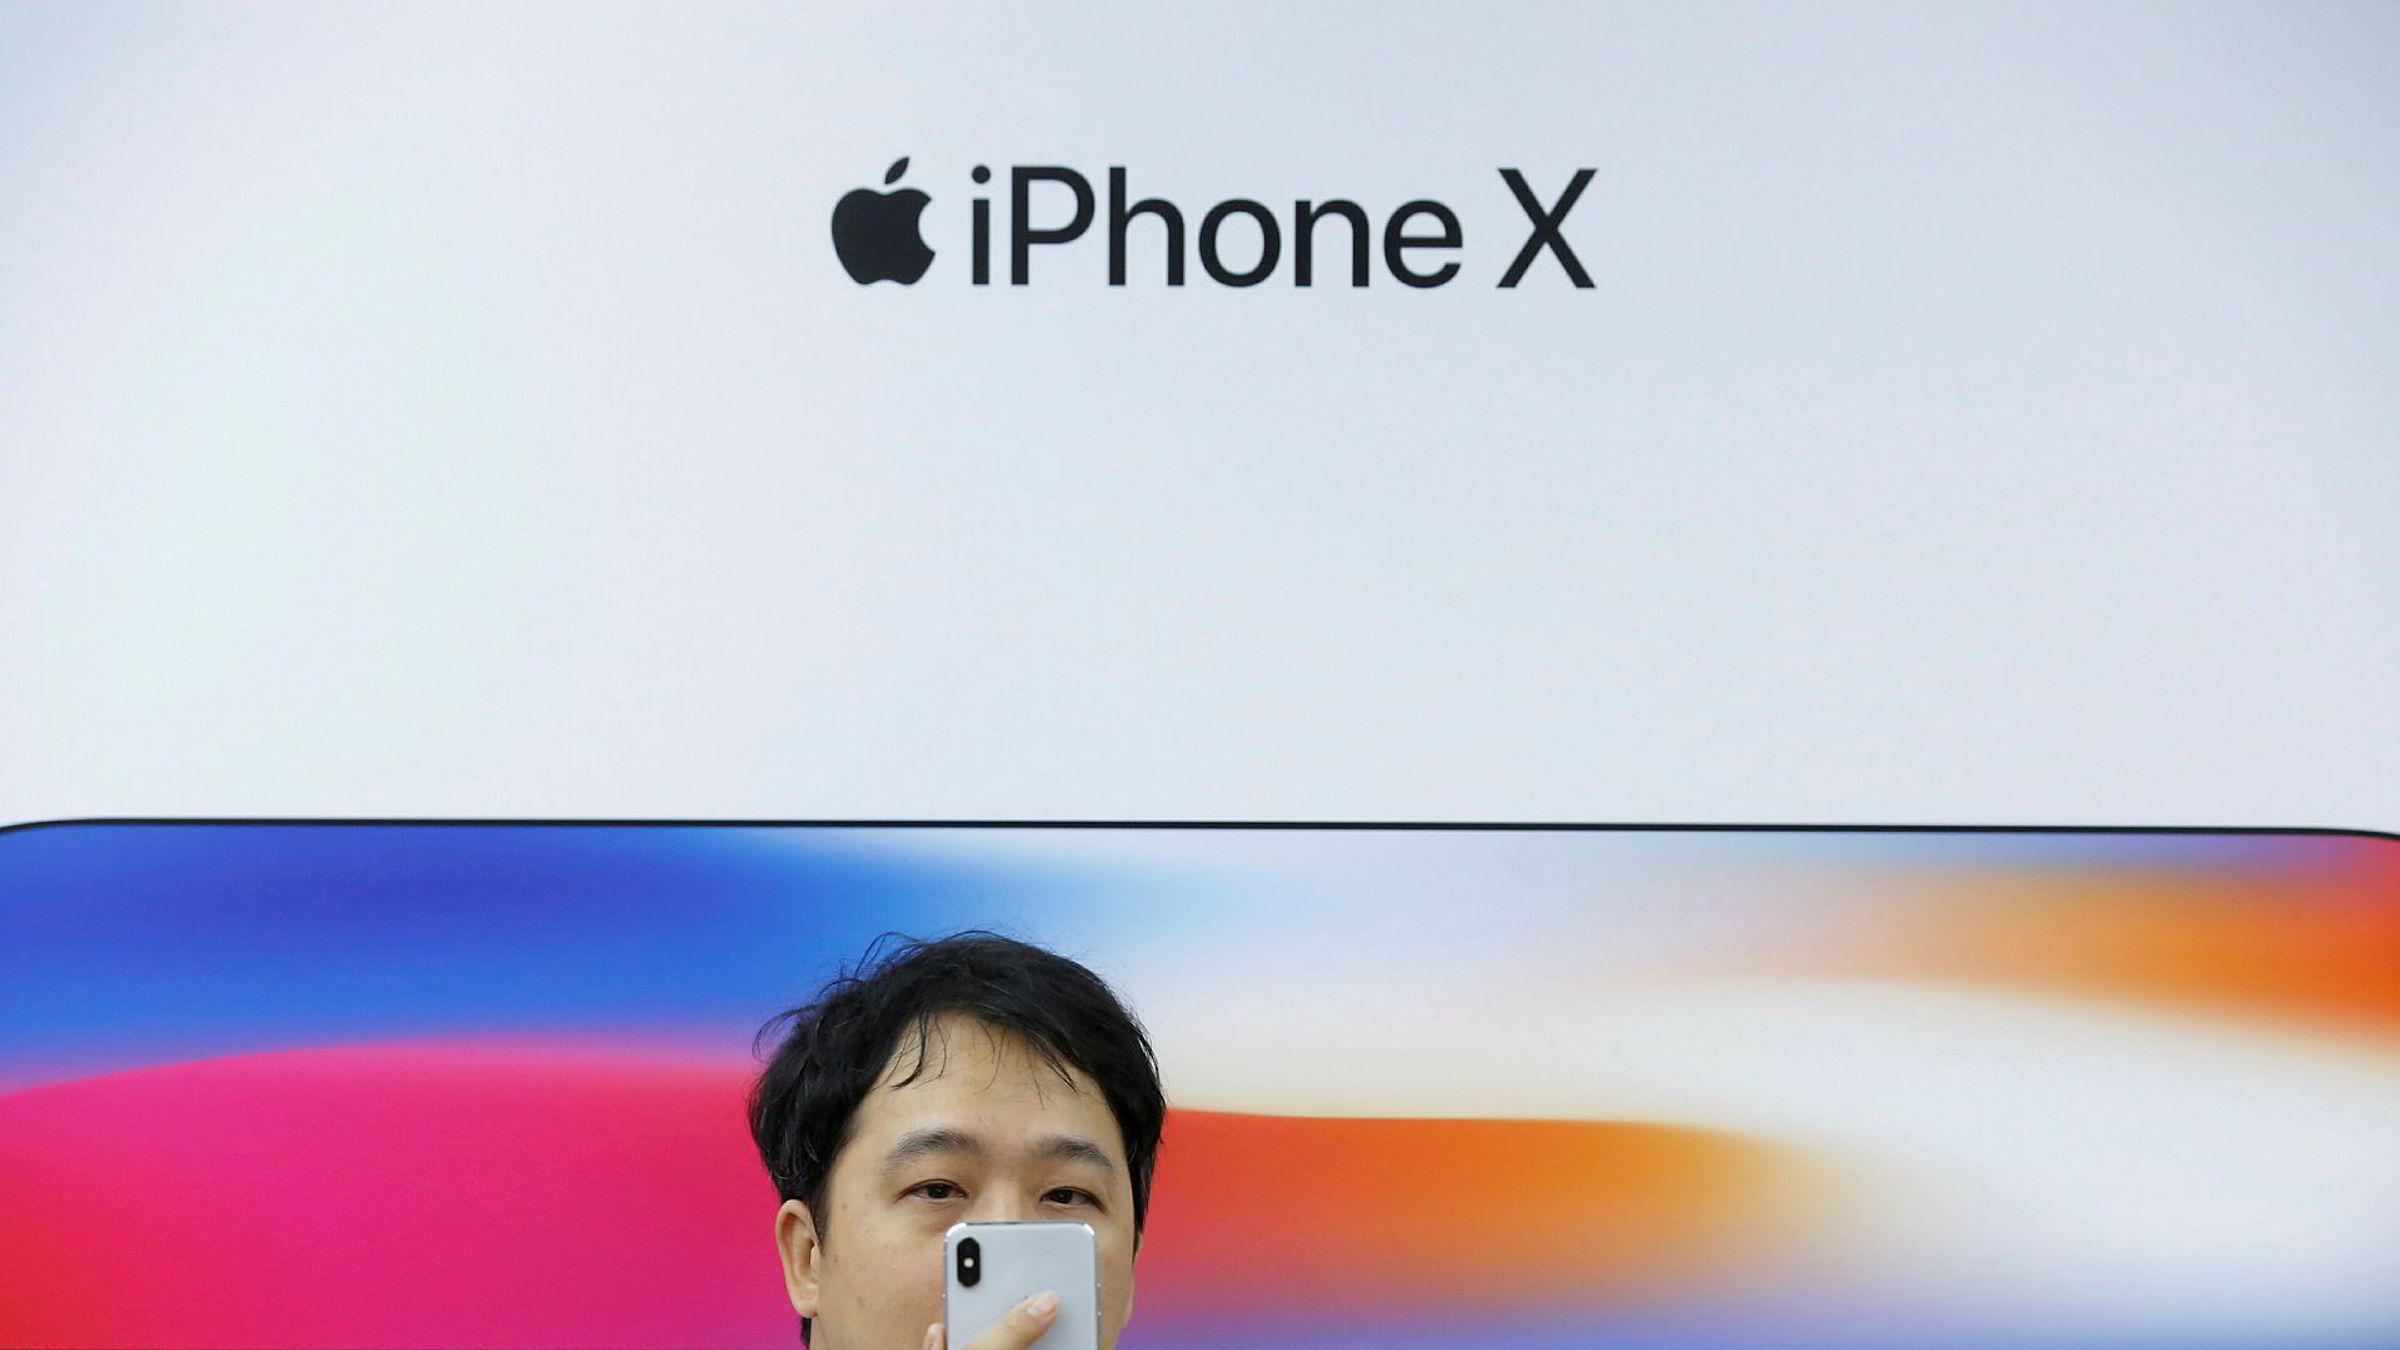 Etterspørselen etter Iphone X vært skuffende lav i USA, Europa og Kina – de viktigste markedene for Apple. Produksjonen kan bli halvert i inneværende kvartal. Det rammer også asiatiske komponent- og underleverandører hardt.